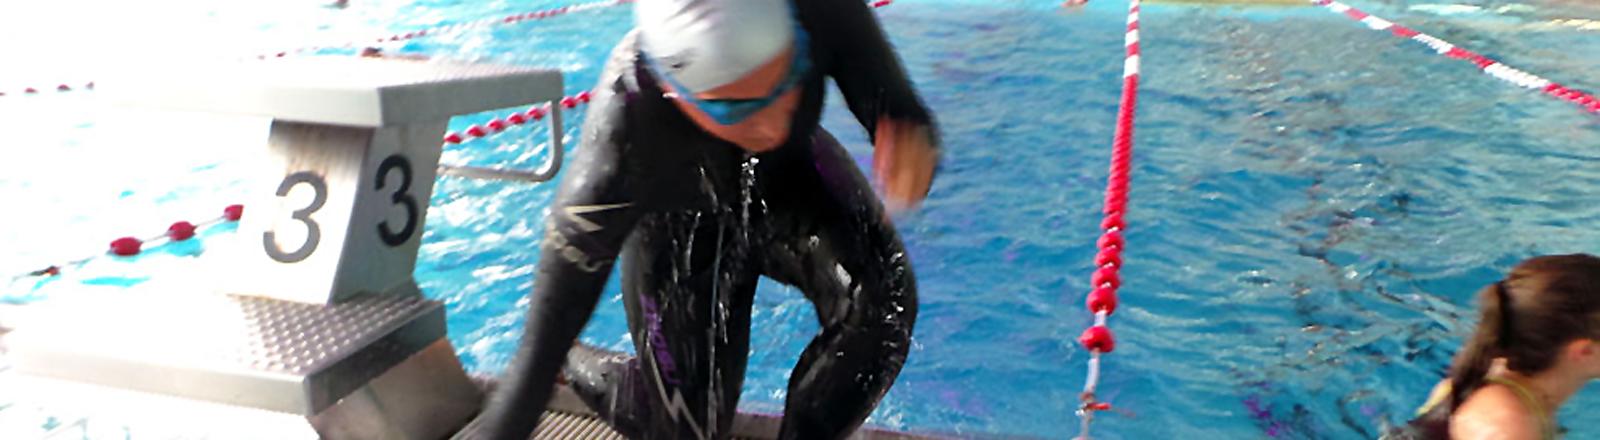 Frau im Neo steig aus dem Wasser